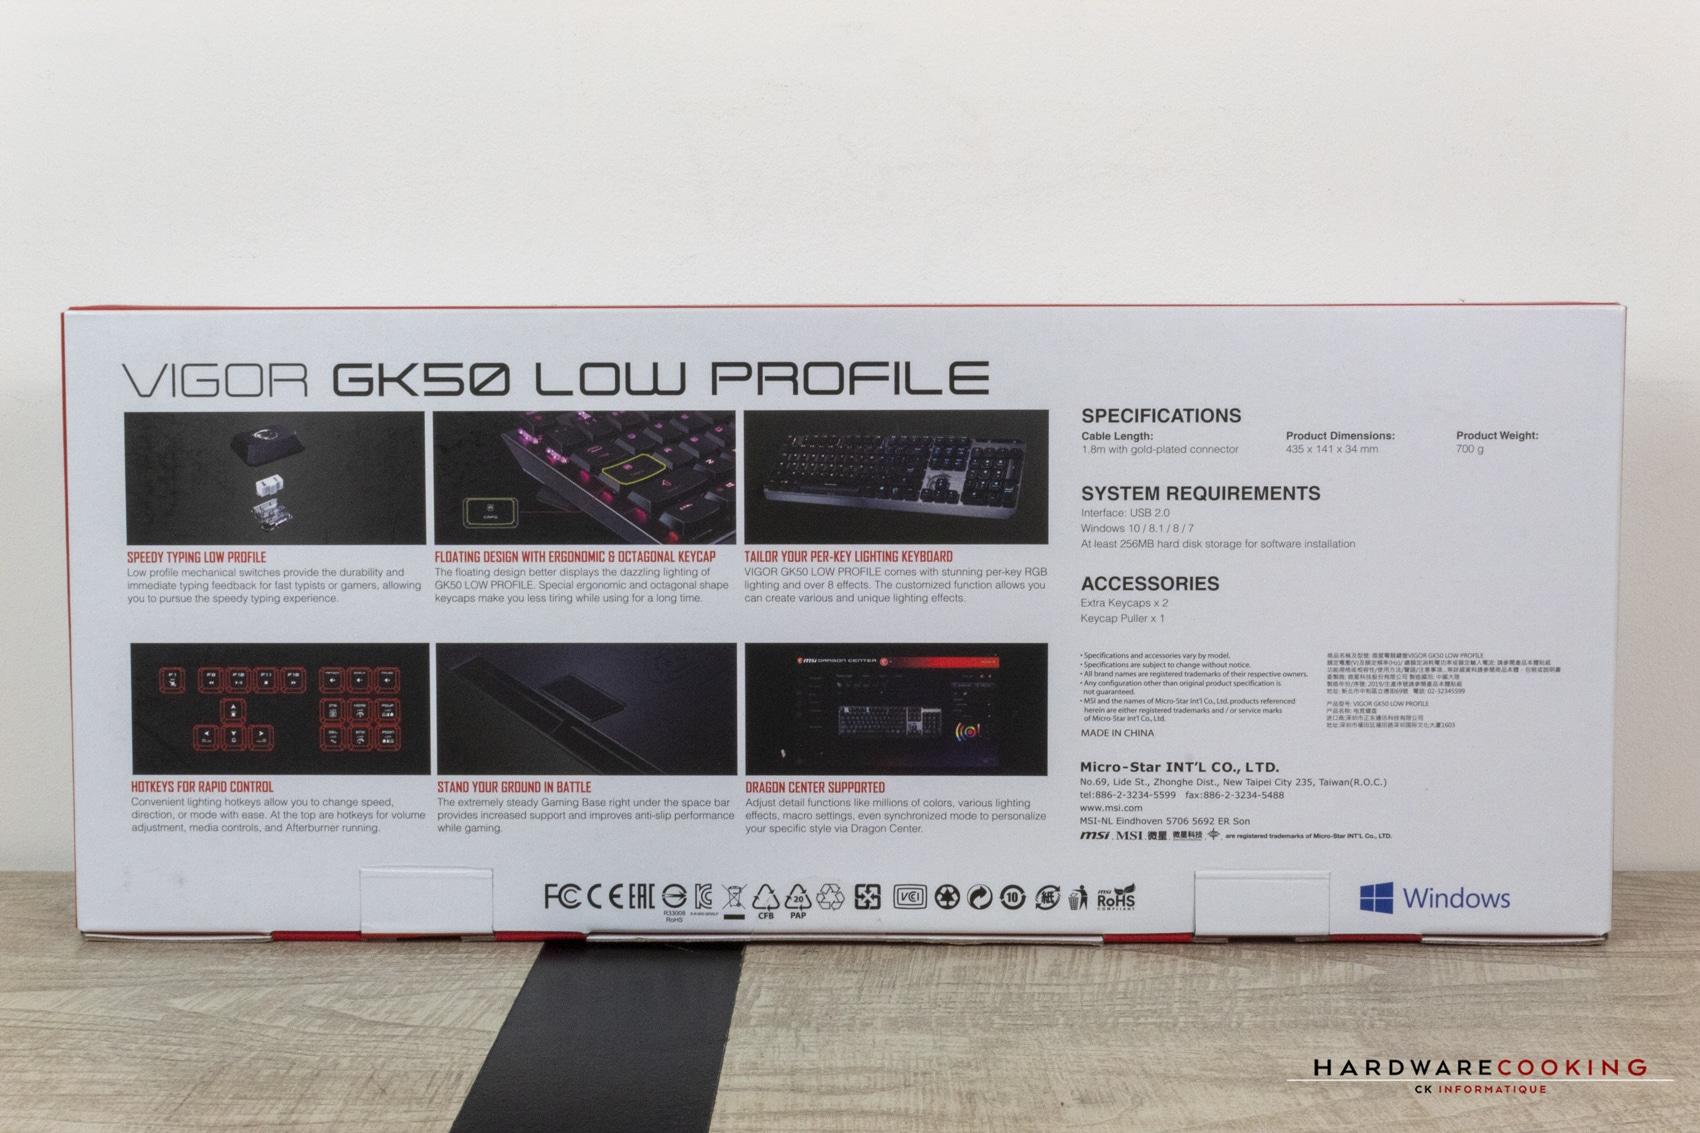 MSI Vigor KG50 Low Profile